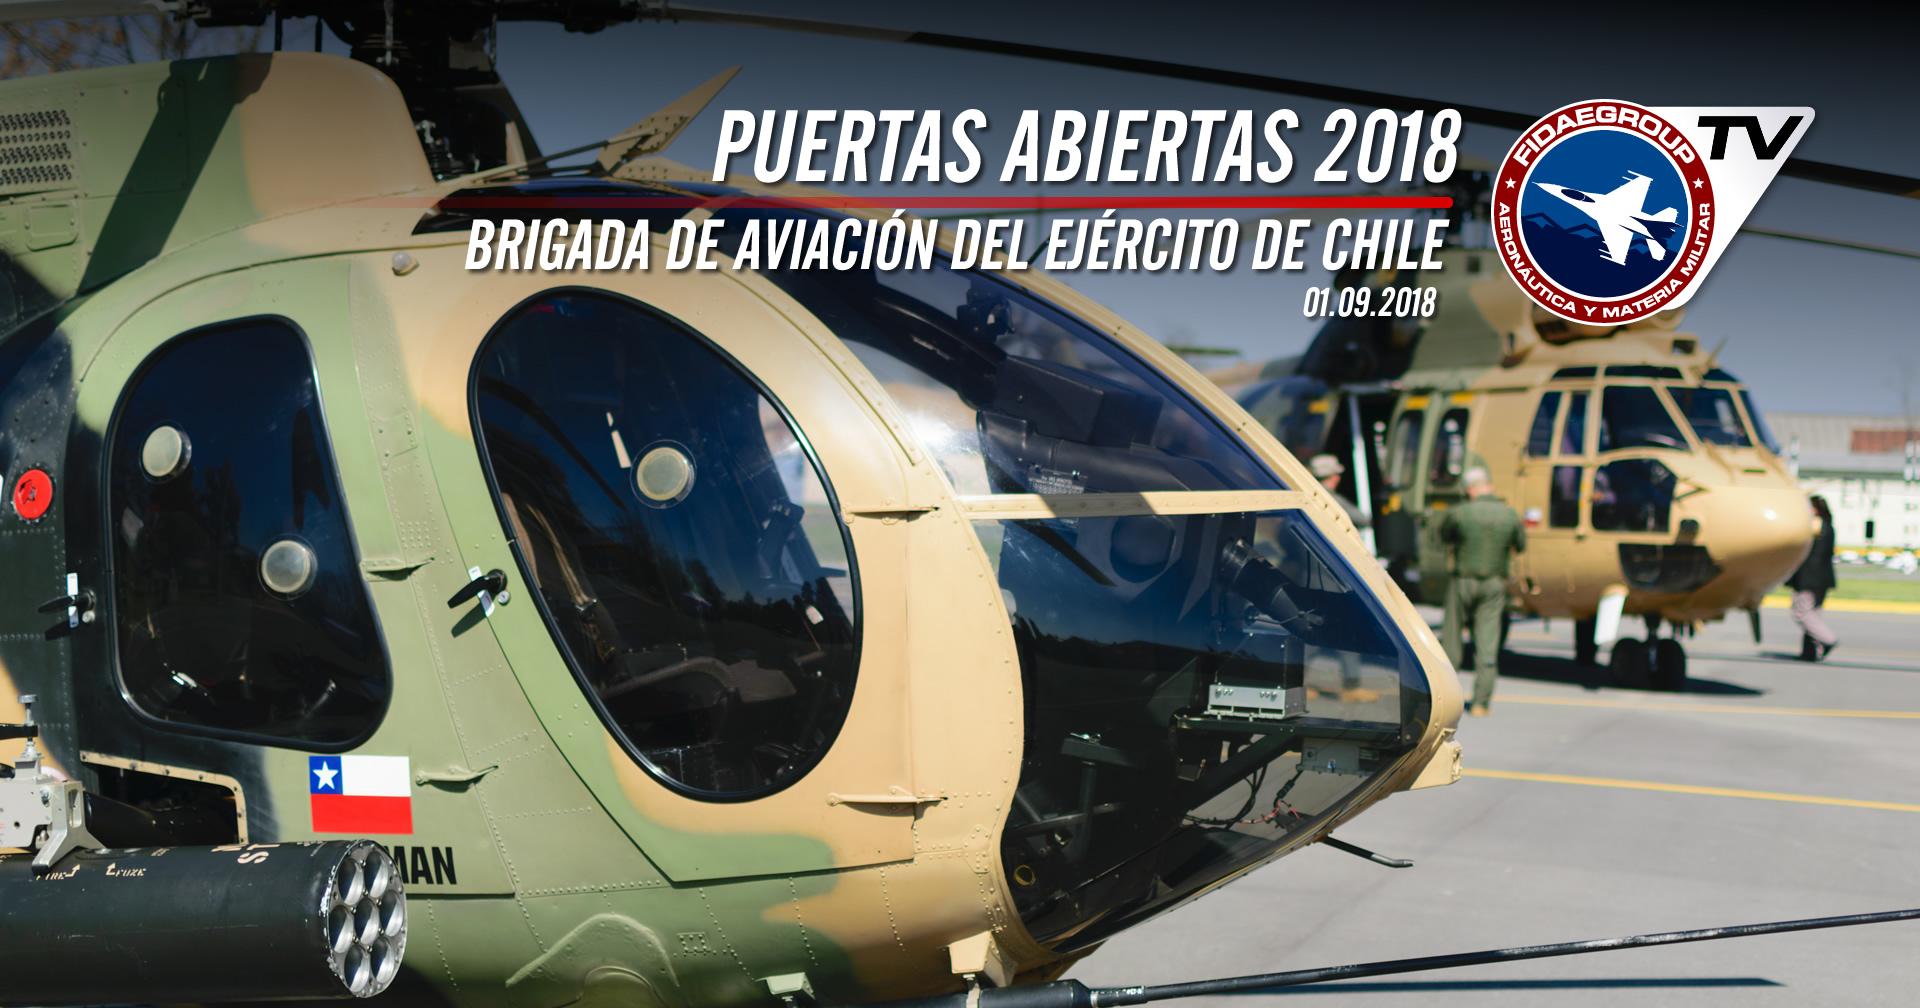 Puertas abiertas 2018 Brigada de Aviación del Ejército de Chile